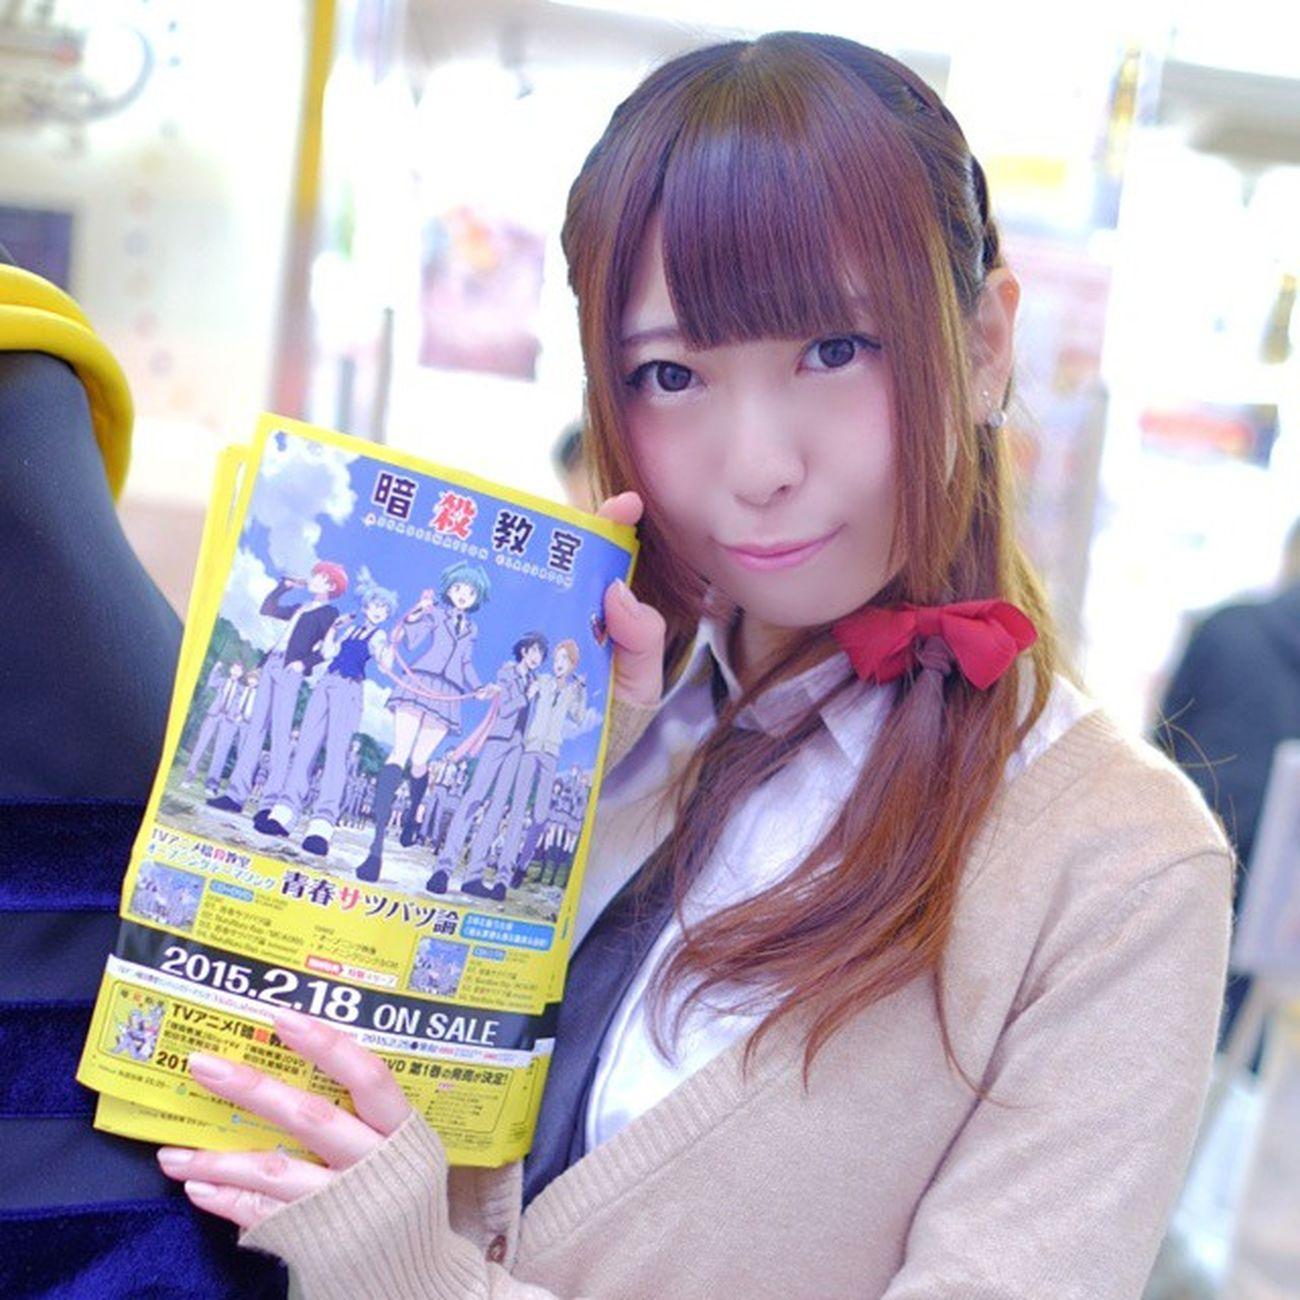 暗殺教室 蝦名彩香 えびちゃん http://t.co/GWAGbB5ZfB